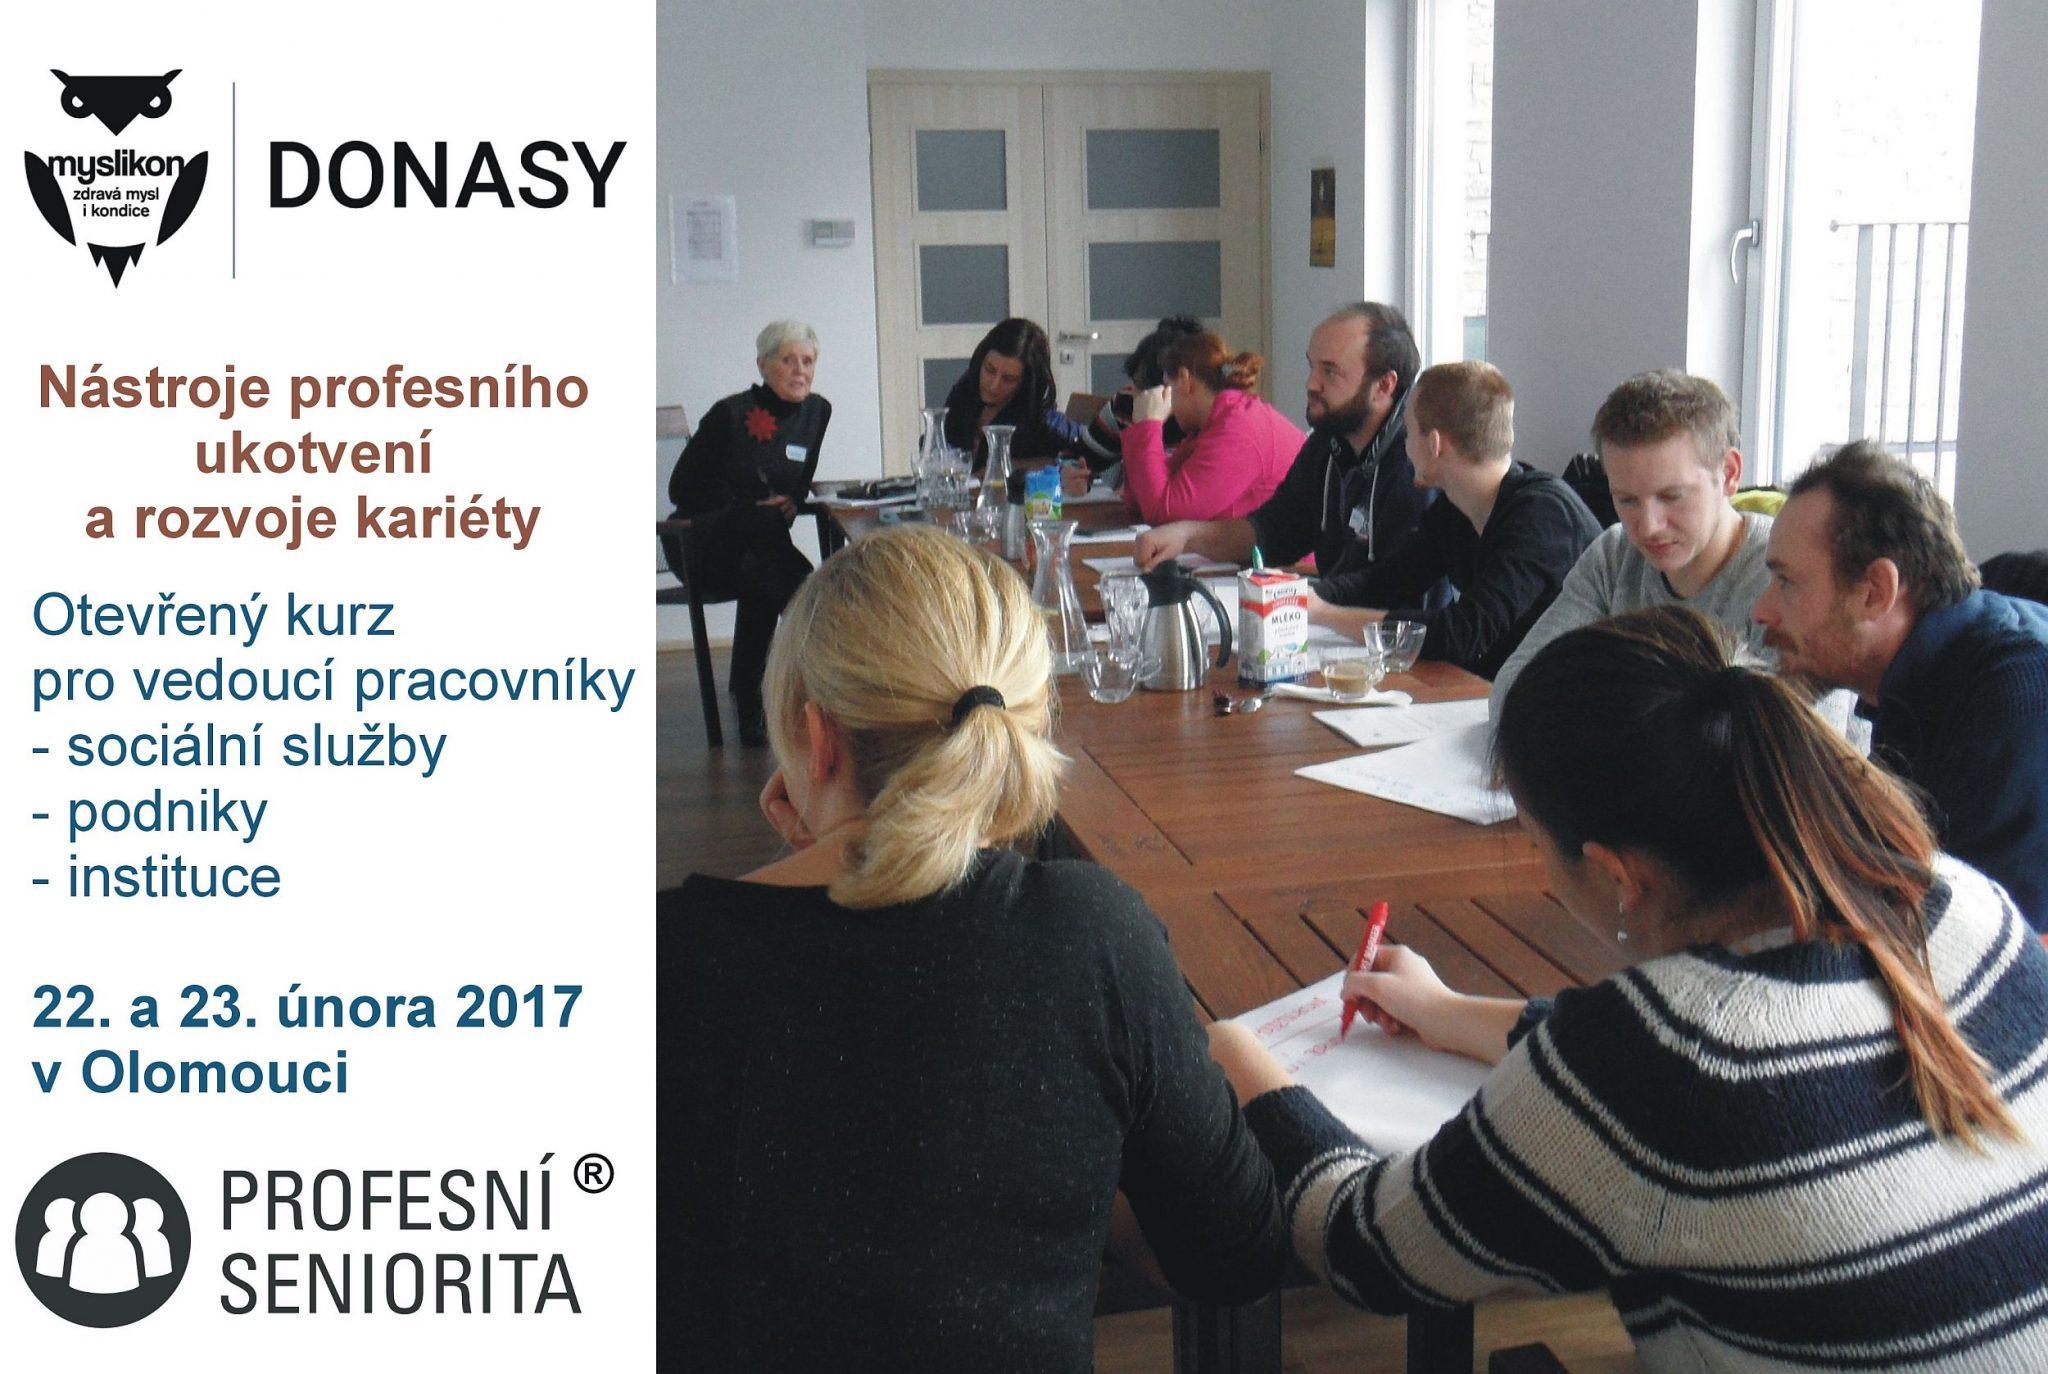 Profesní seniorita – otevřený kurz v únoru 2017